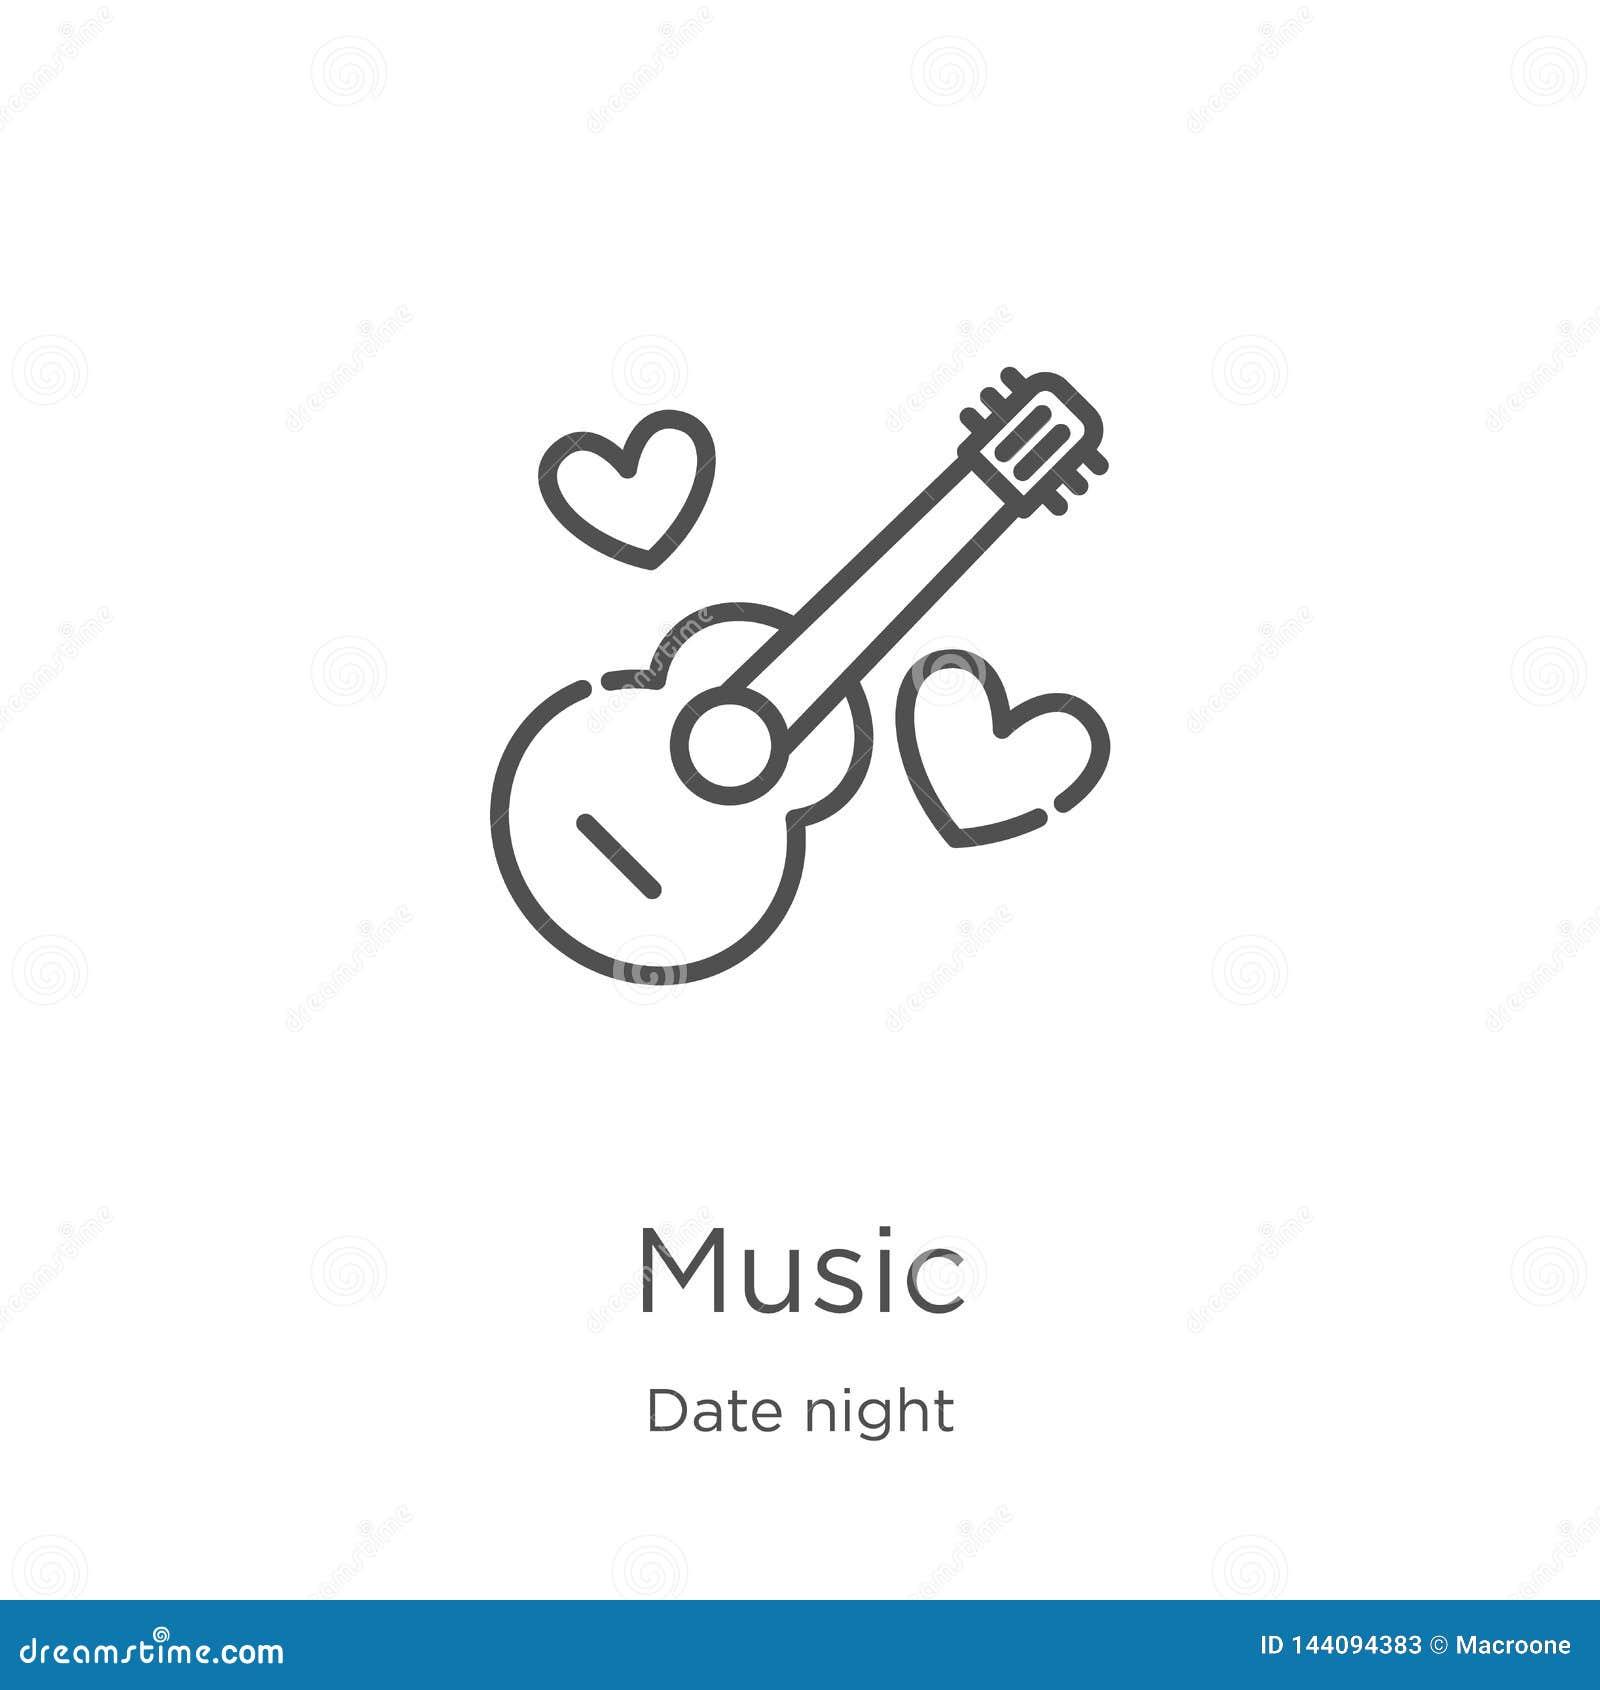 Vetor do ícone da música da coleção da noite da data Linha fina ilustração do vetor do ícone do esboço da música Esboço, linha fi